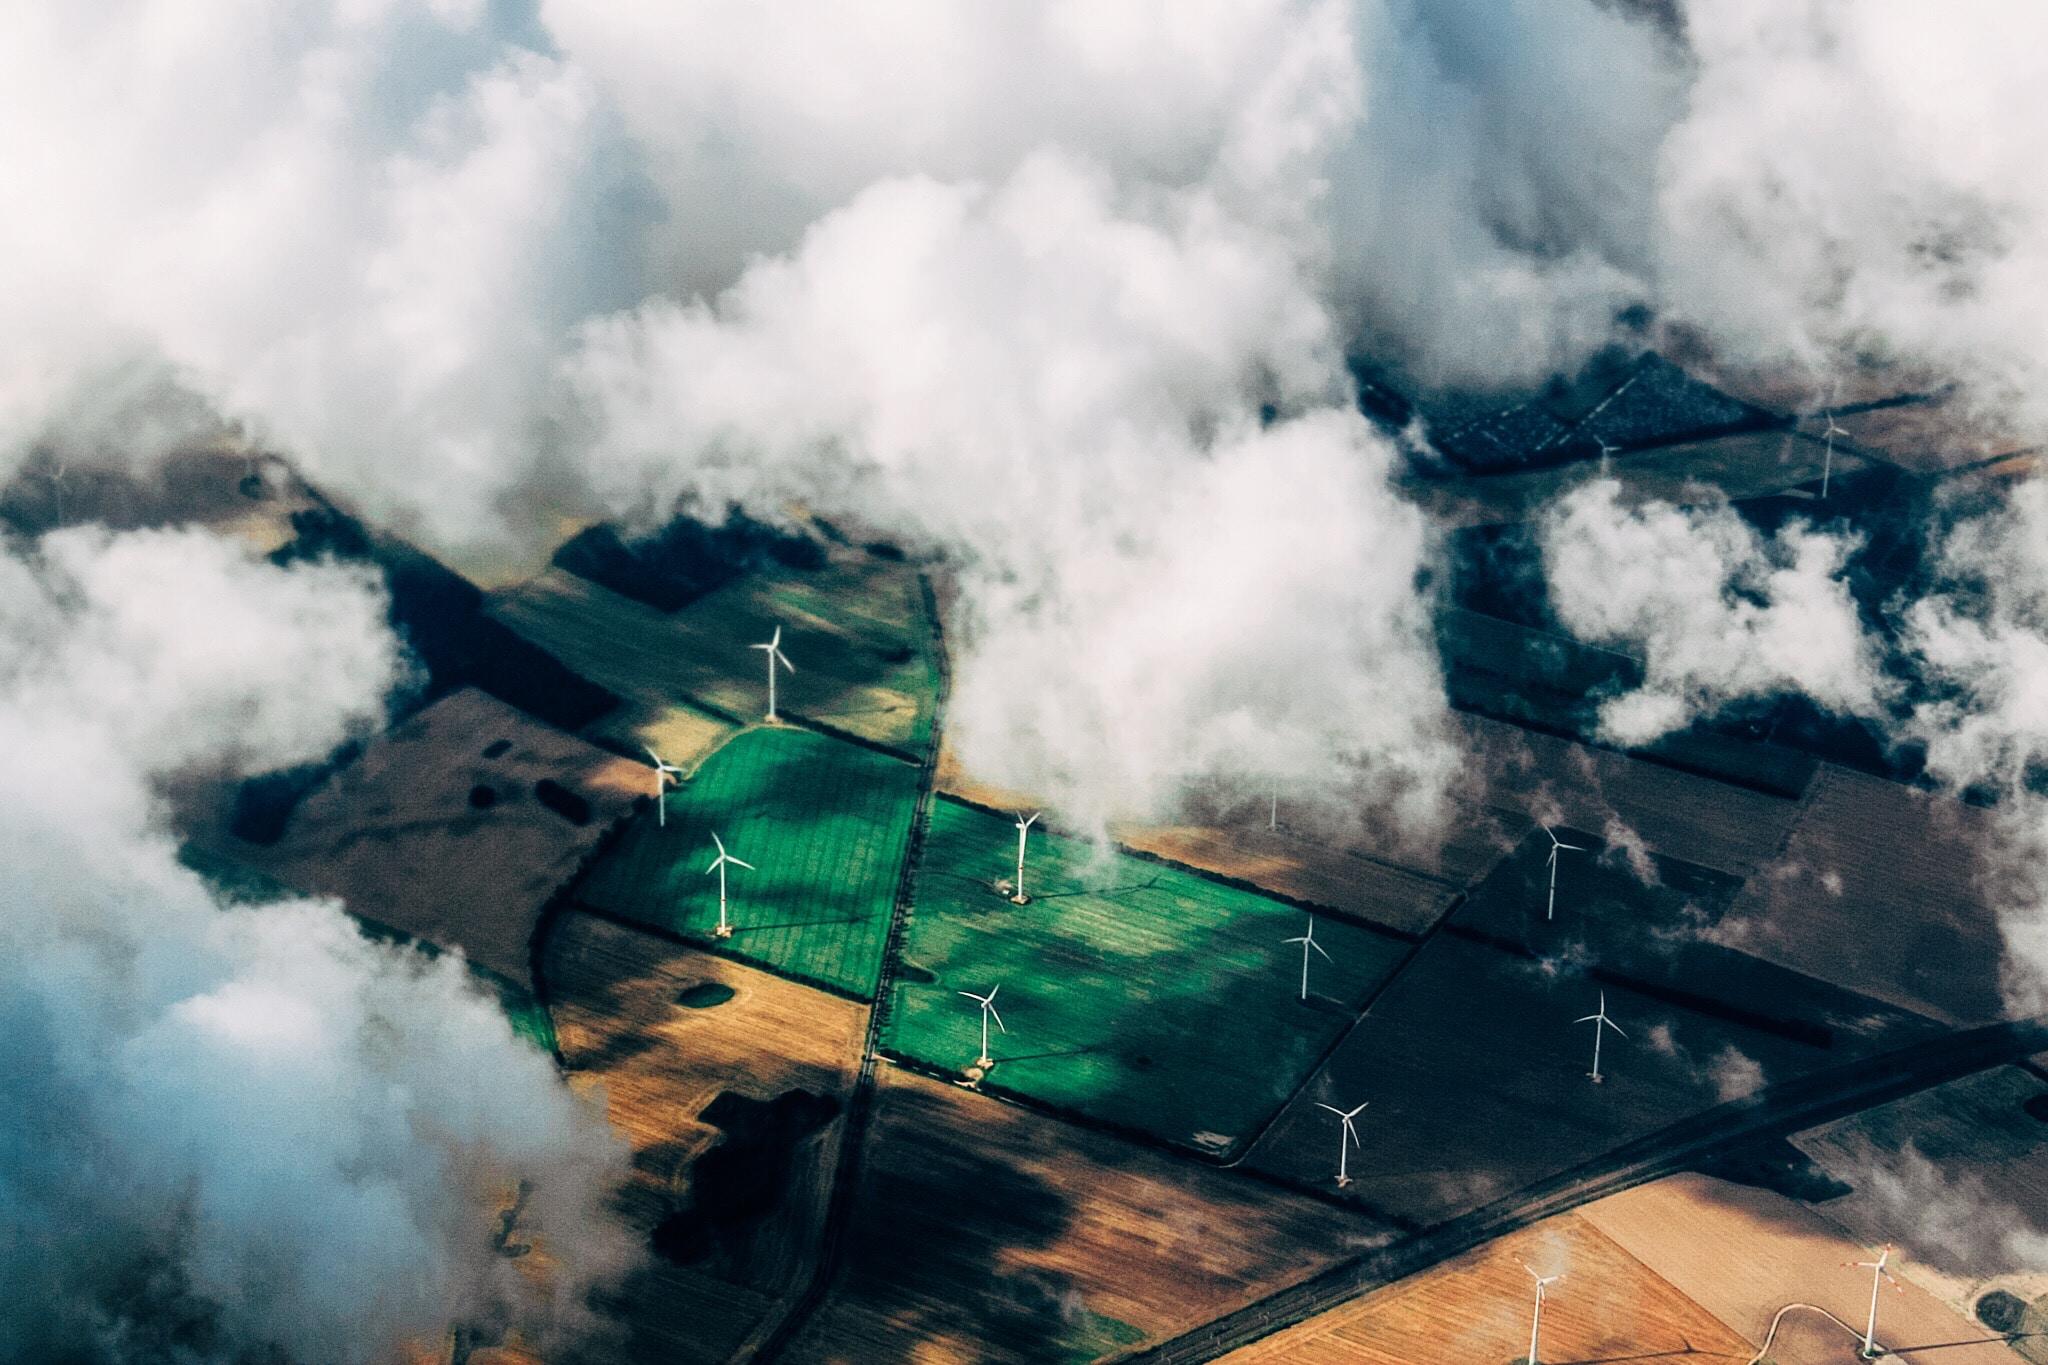 Les villes peuvent-elles relever le défi climatique ?